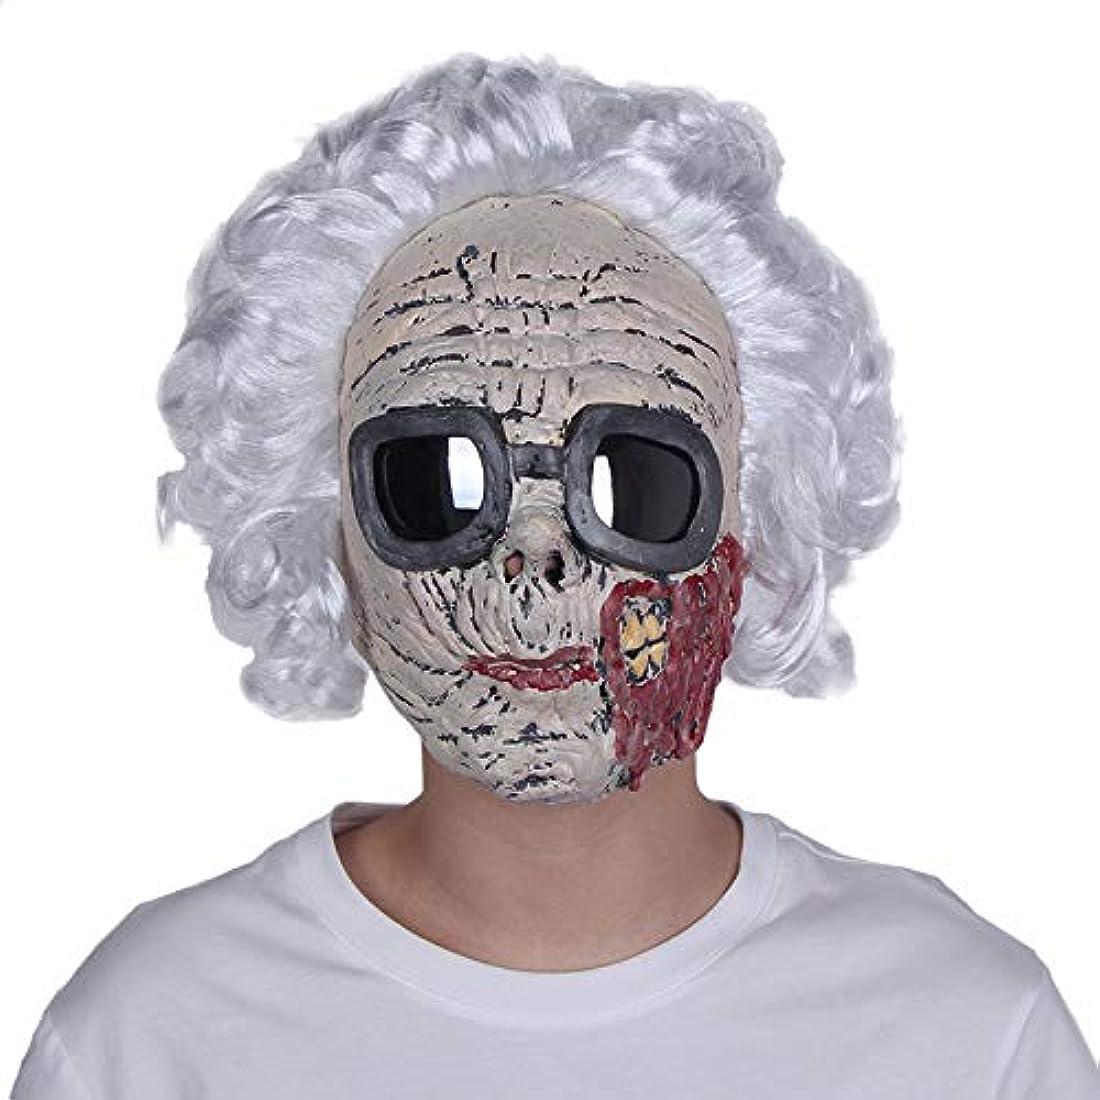 ミニメドレークラッシュハロウィーンマスクパーティーの女性ラテックスフード大人の髪を持つ長老マスカレードマスク